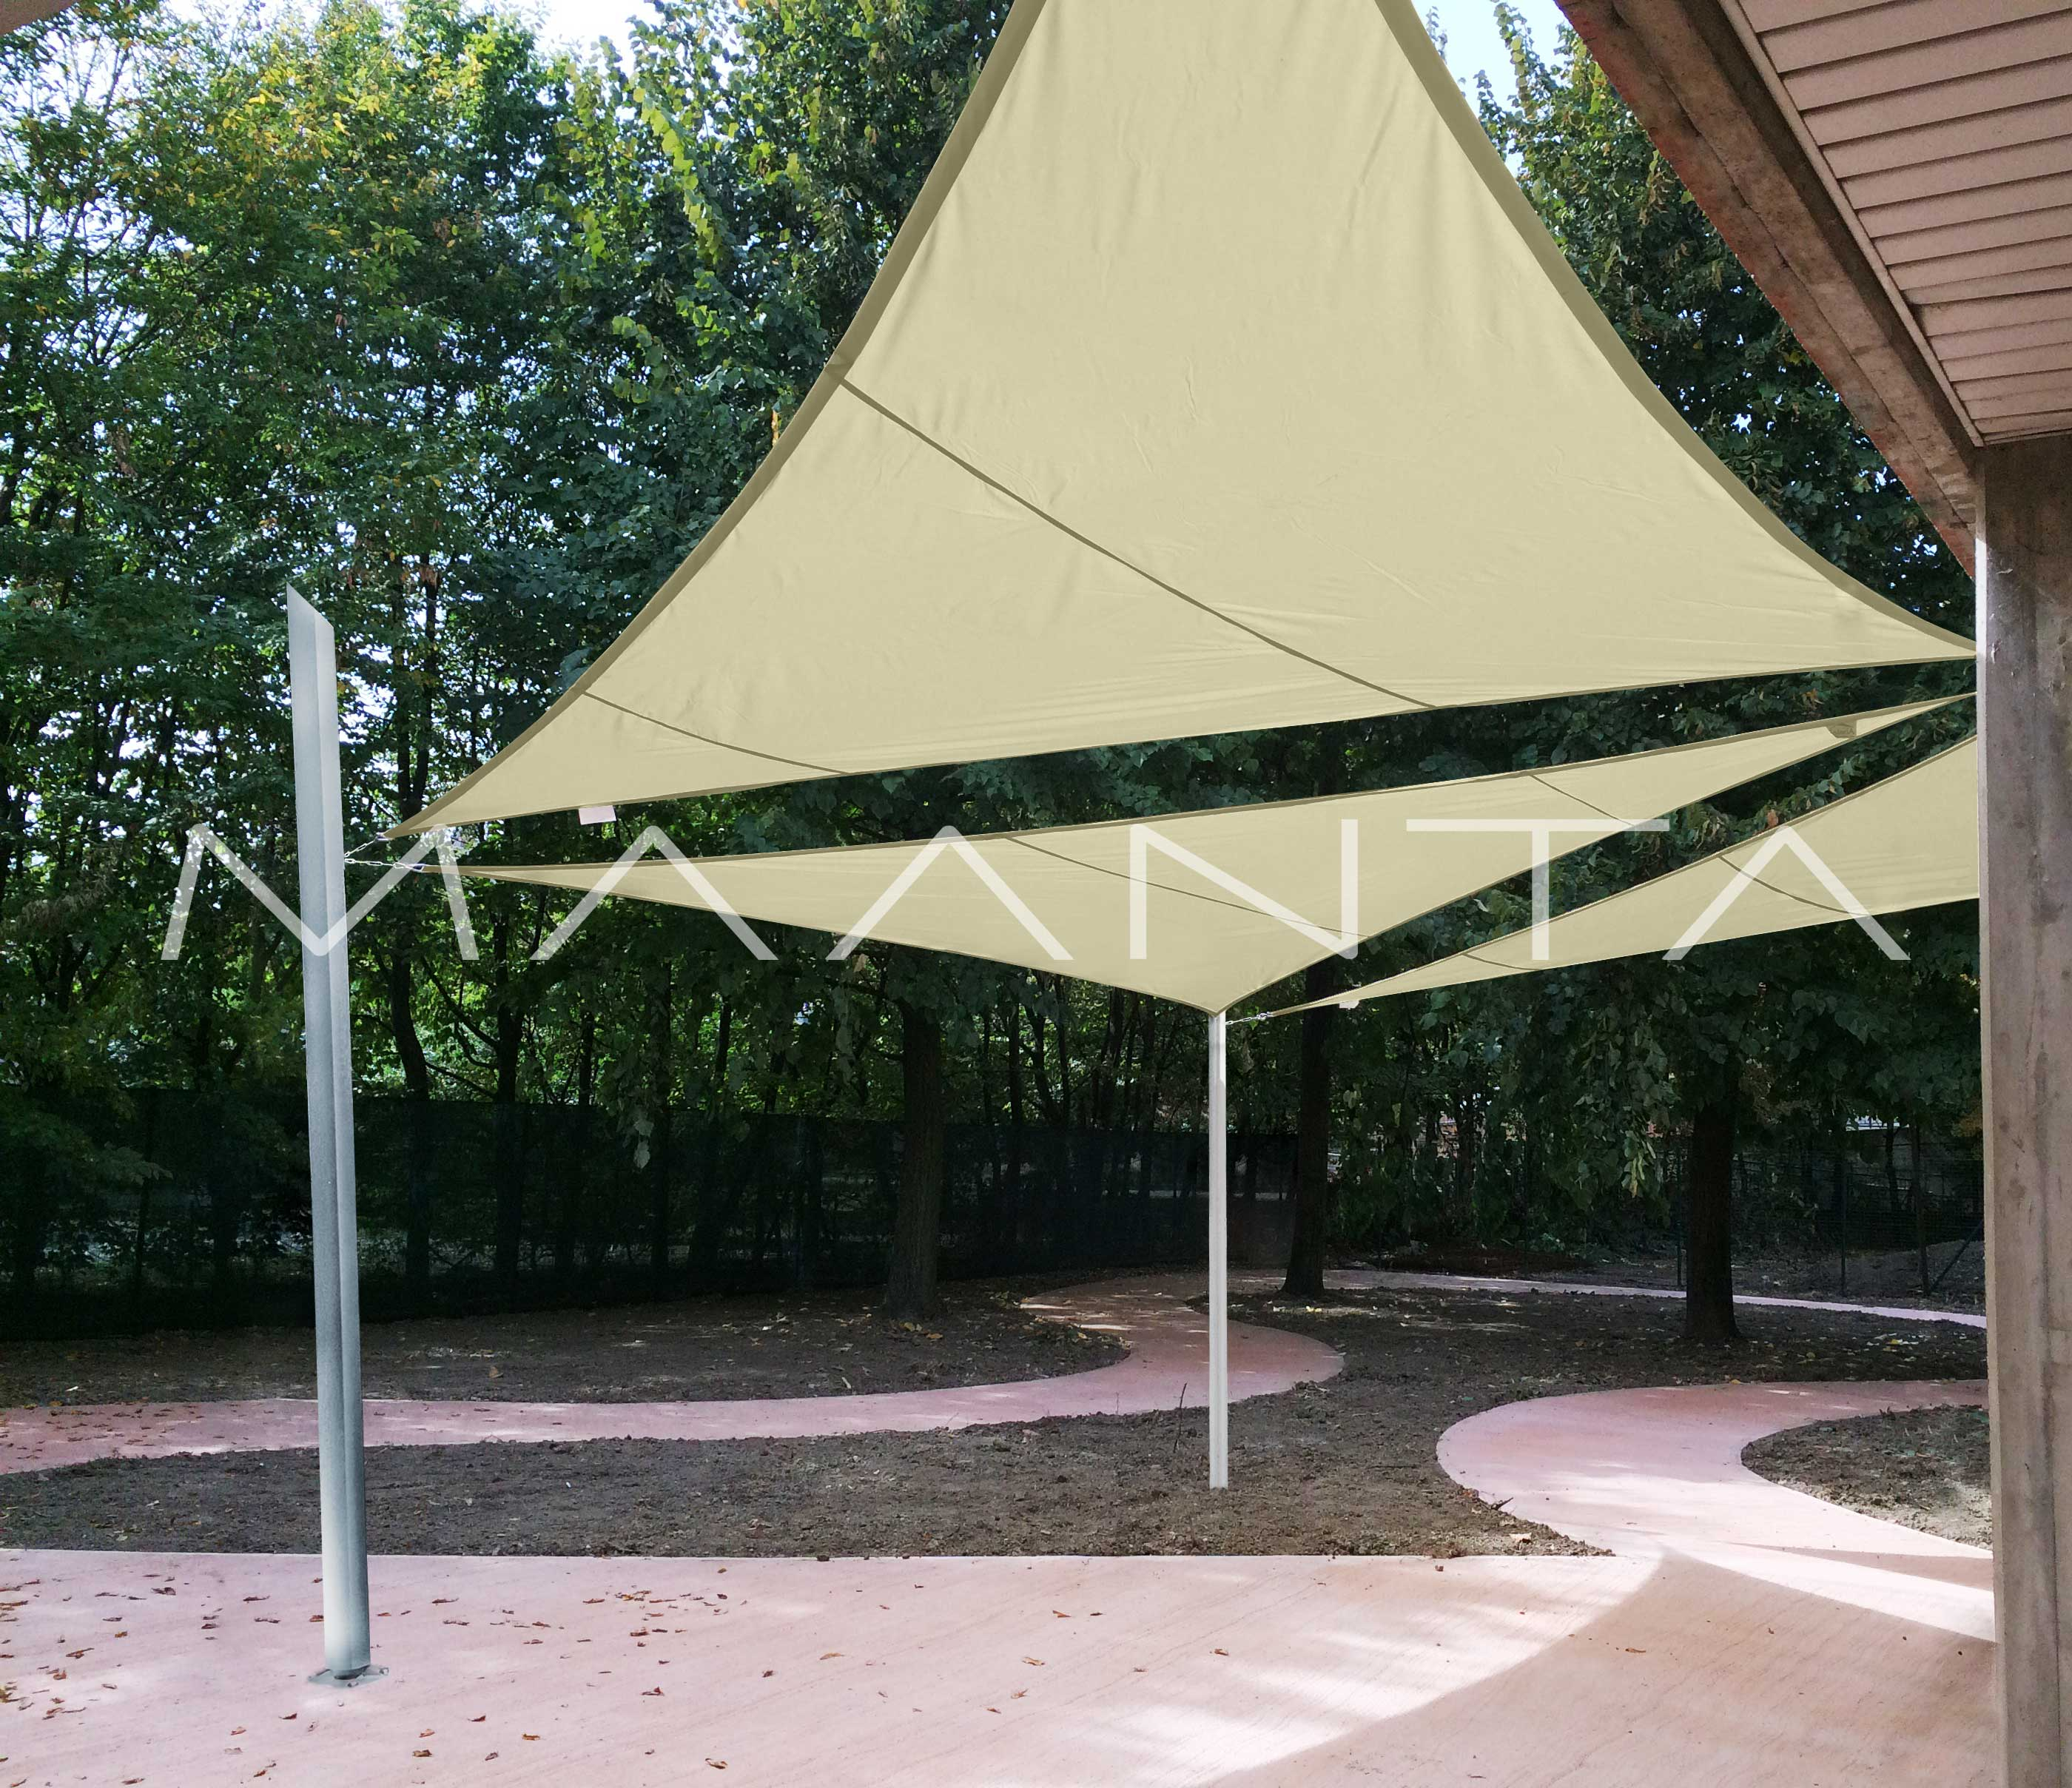 Tende A Vela Impermeabili.Easyshade Vela Impermeabile 160gr Triangolare A 3 Lembi Maanta